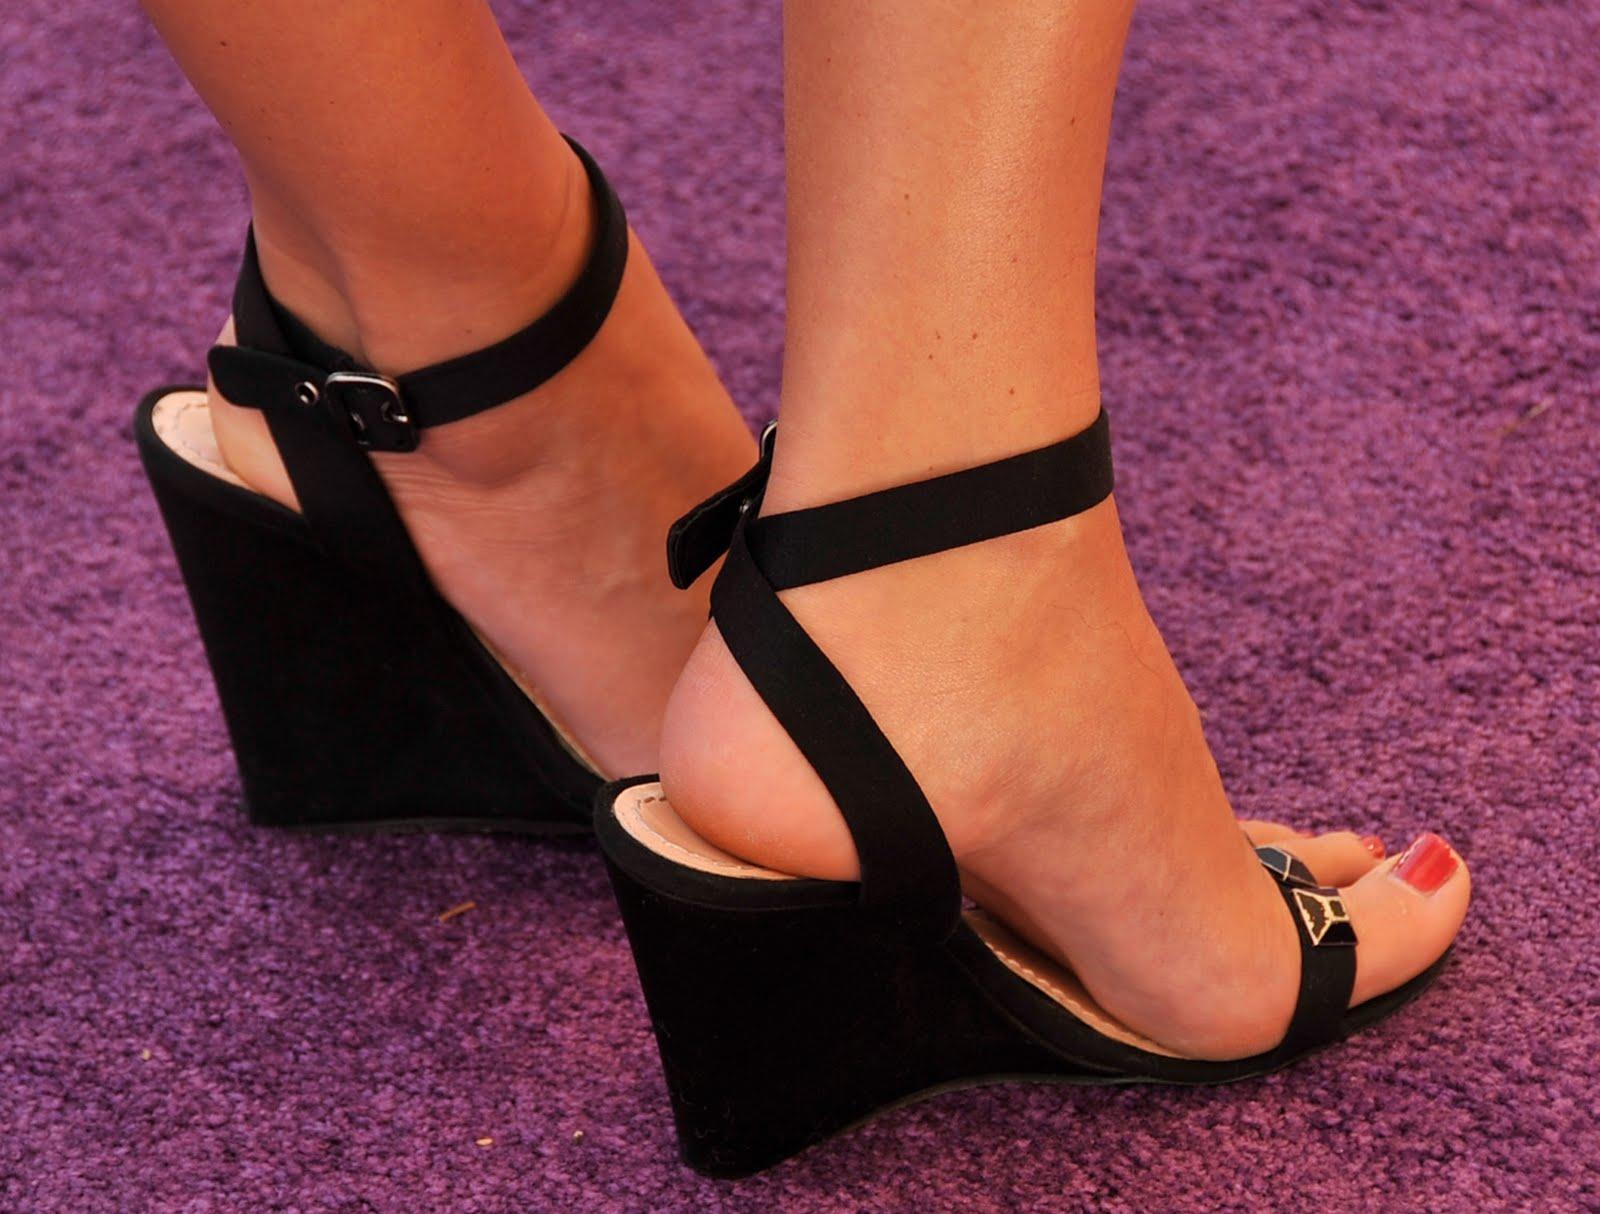 http://4.bp.blogspot.com/_UaLWp72nij4/TD-OR0gPiSI/AAAAAAAARaA/RvQv1MQ0RoQ/s1600/sarah-lancaster-feet.jpg